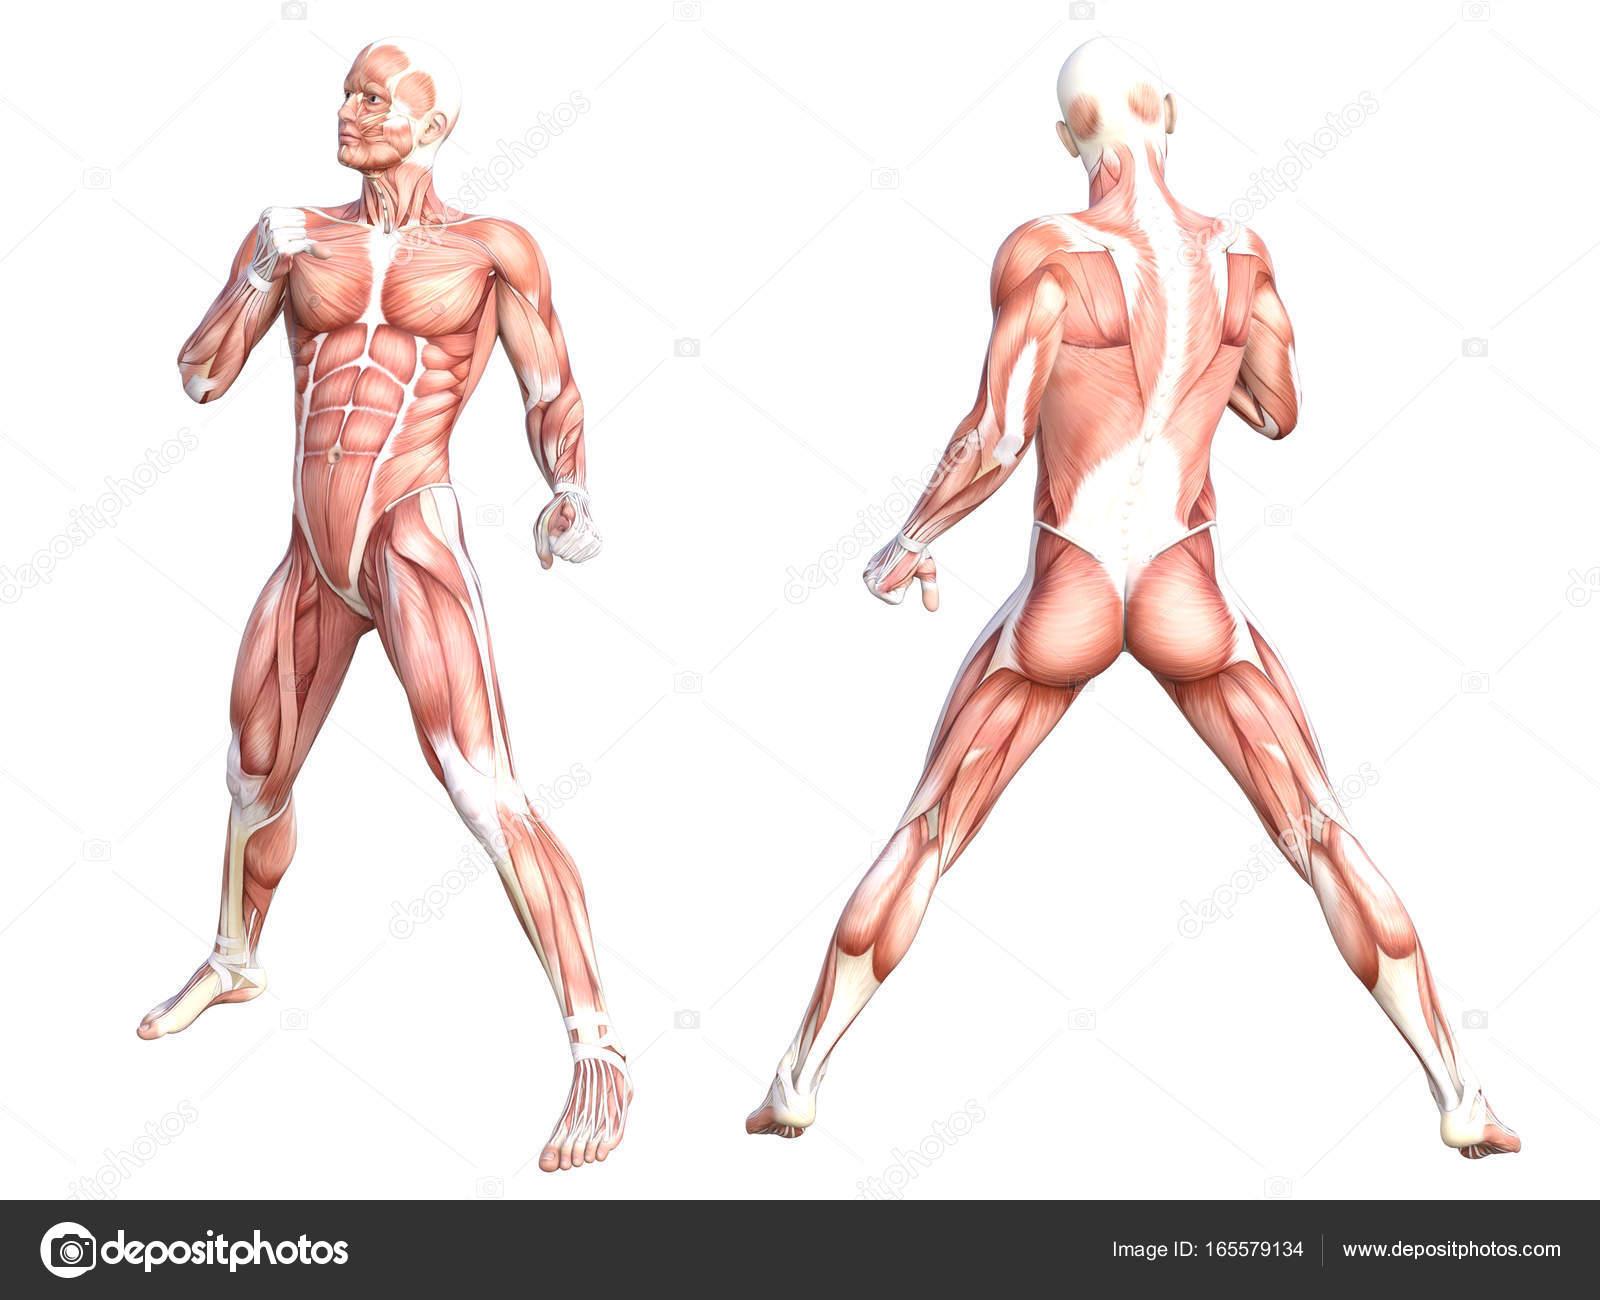 Músculo del cuerpo humano sin piel sana anatomía conceptual sistema ...